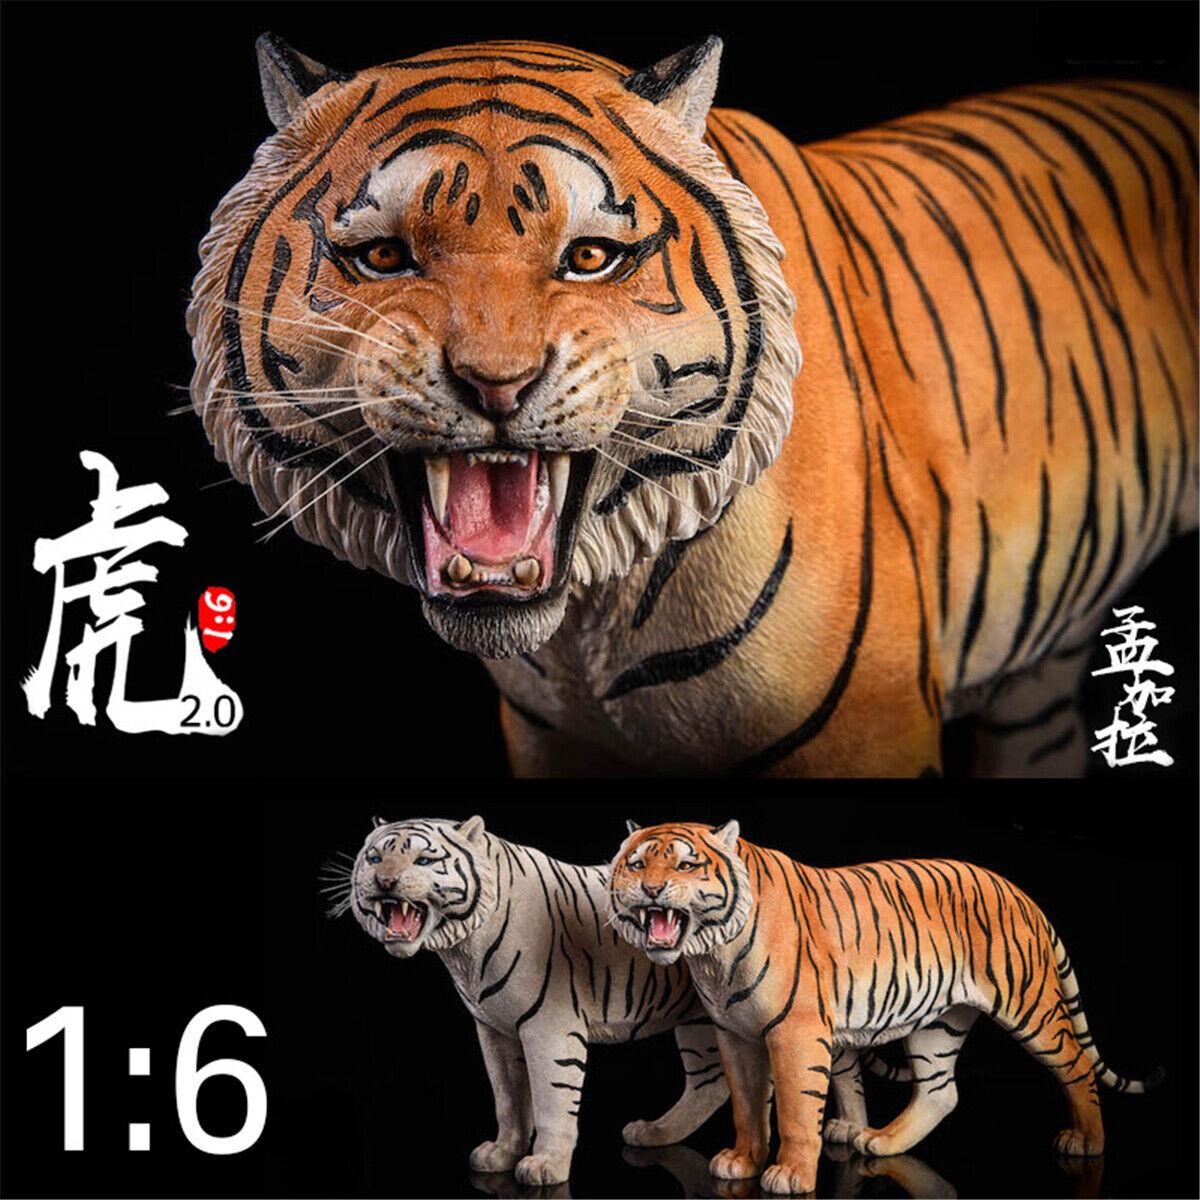 JxK 1 6 Bengal  Tiger cifra Roar 2.0 Version Animal modellololo Collector Decor giocattolo  prezzi bassi